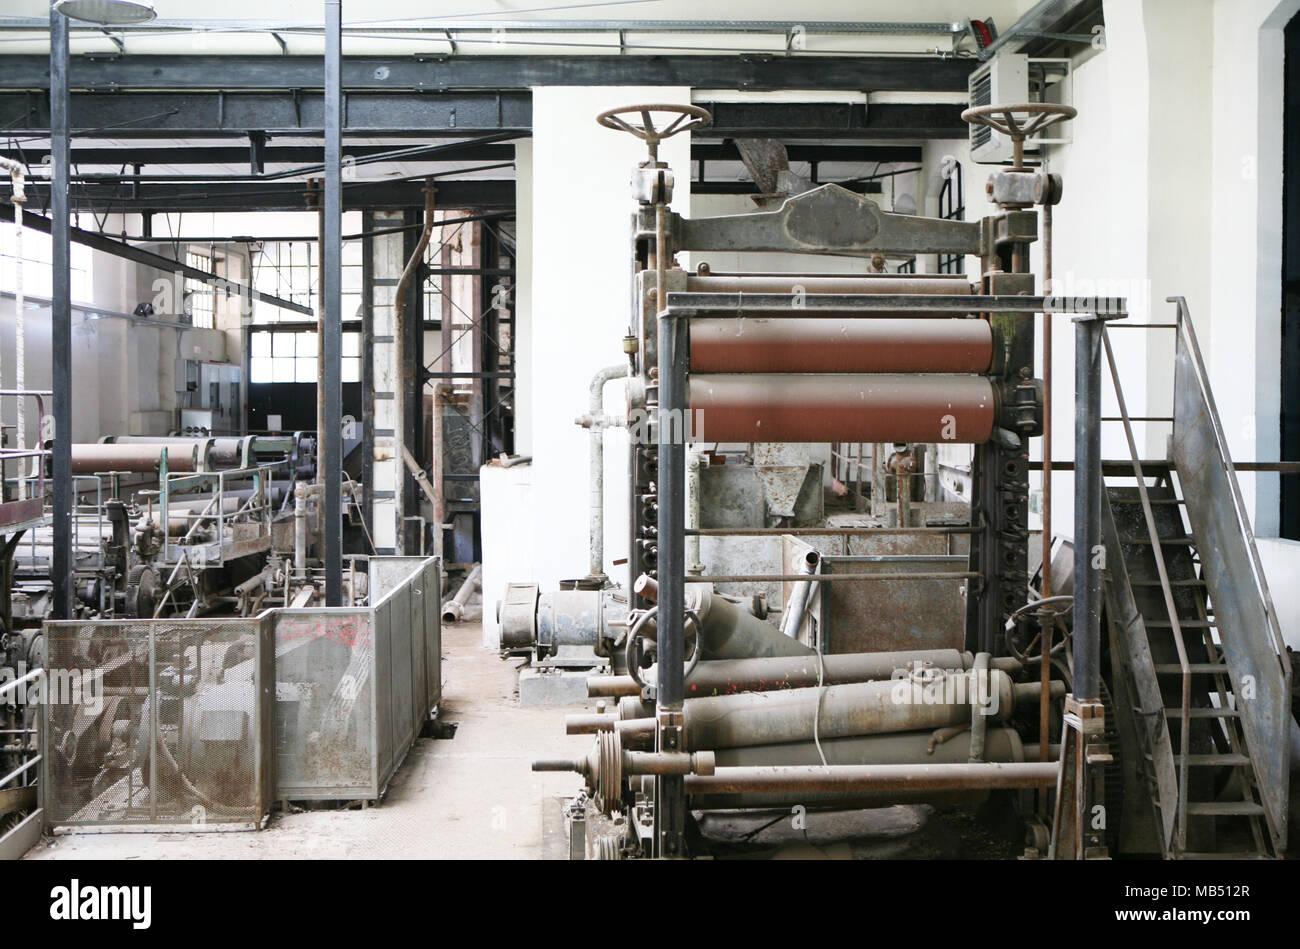 Il vecchio malandato impianto industriale macchinari con ruote dentate e ruote dentate Immagini Stock